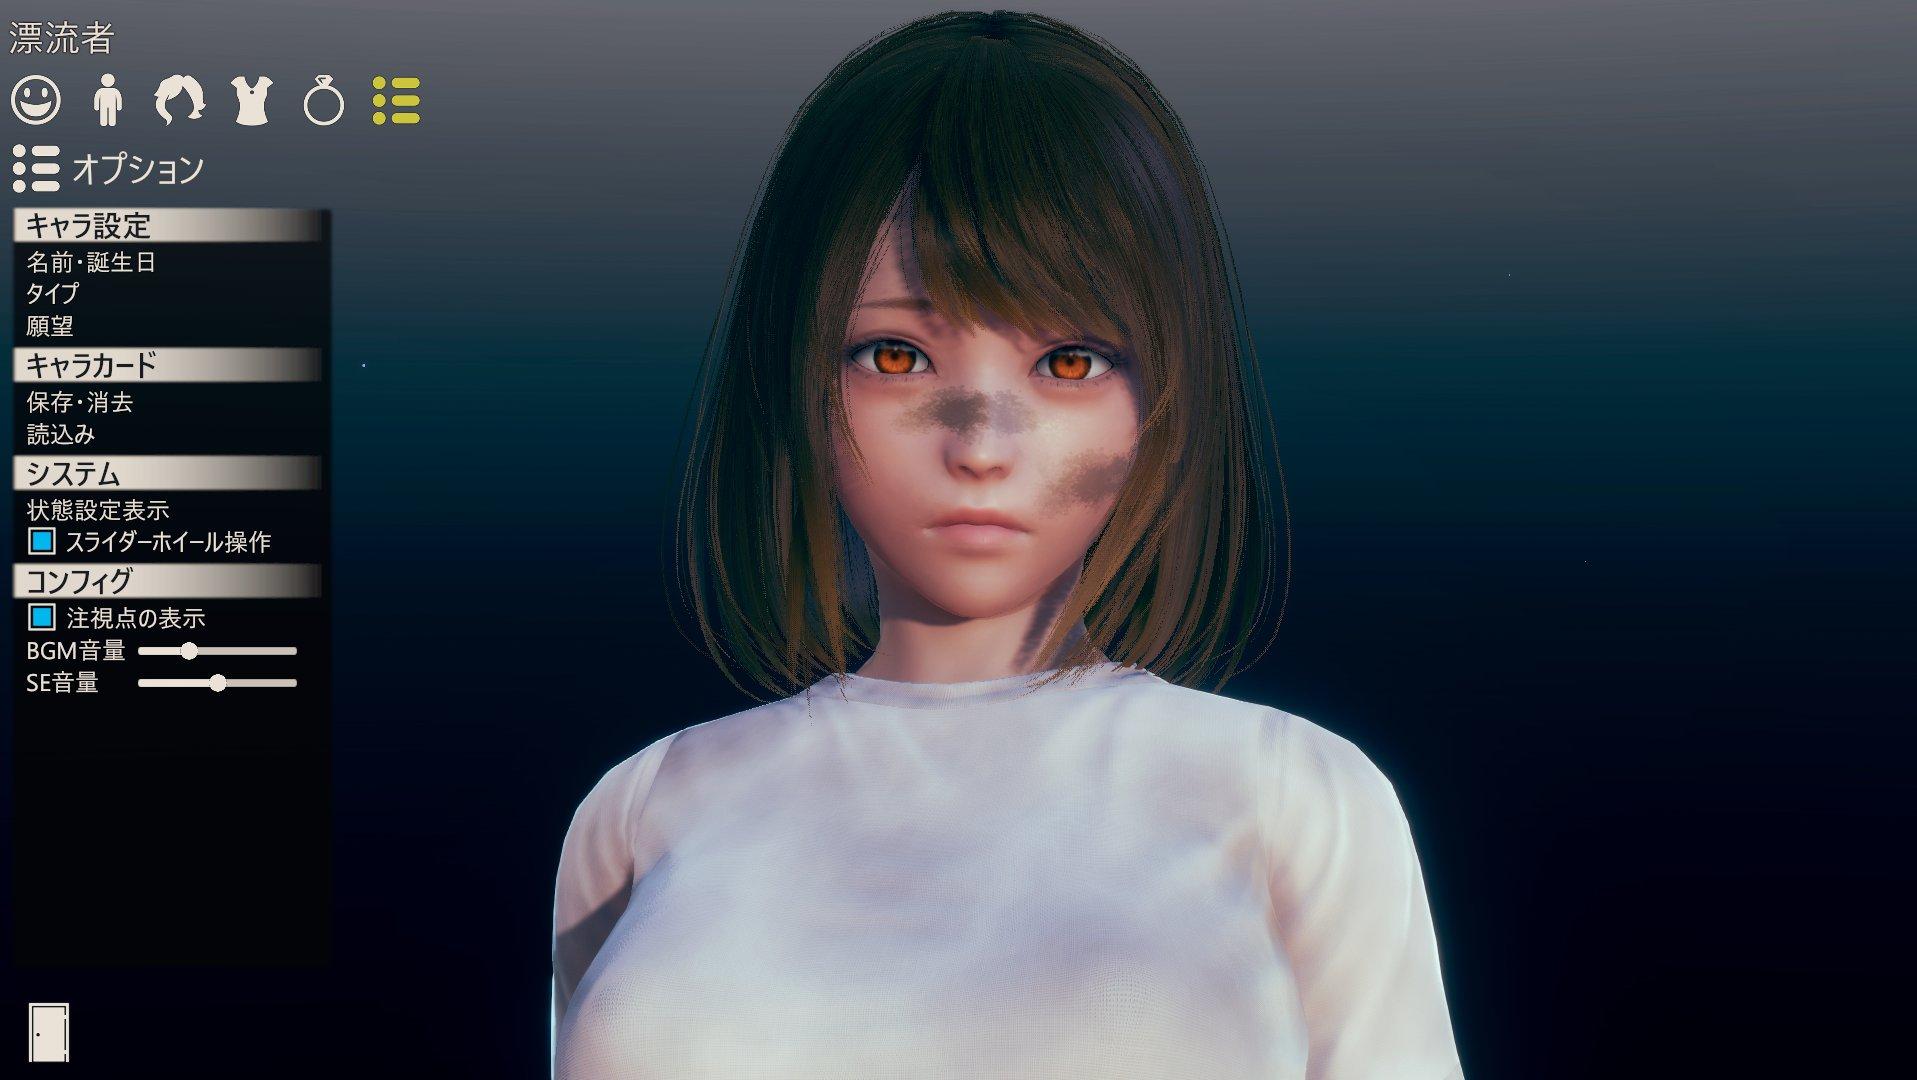 キャラ Ai 少女 AIで有名アニメのキャラをほぼ実写化!『鬼滅の刃』『ONE PIECE』『魔女の宅急便』の登場人物が続々リアルに